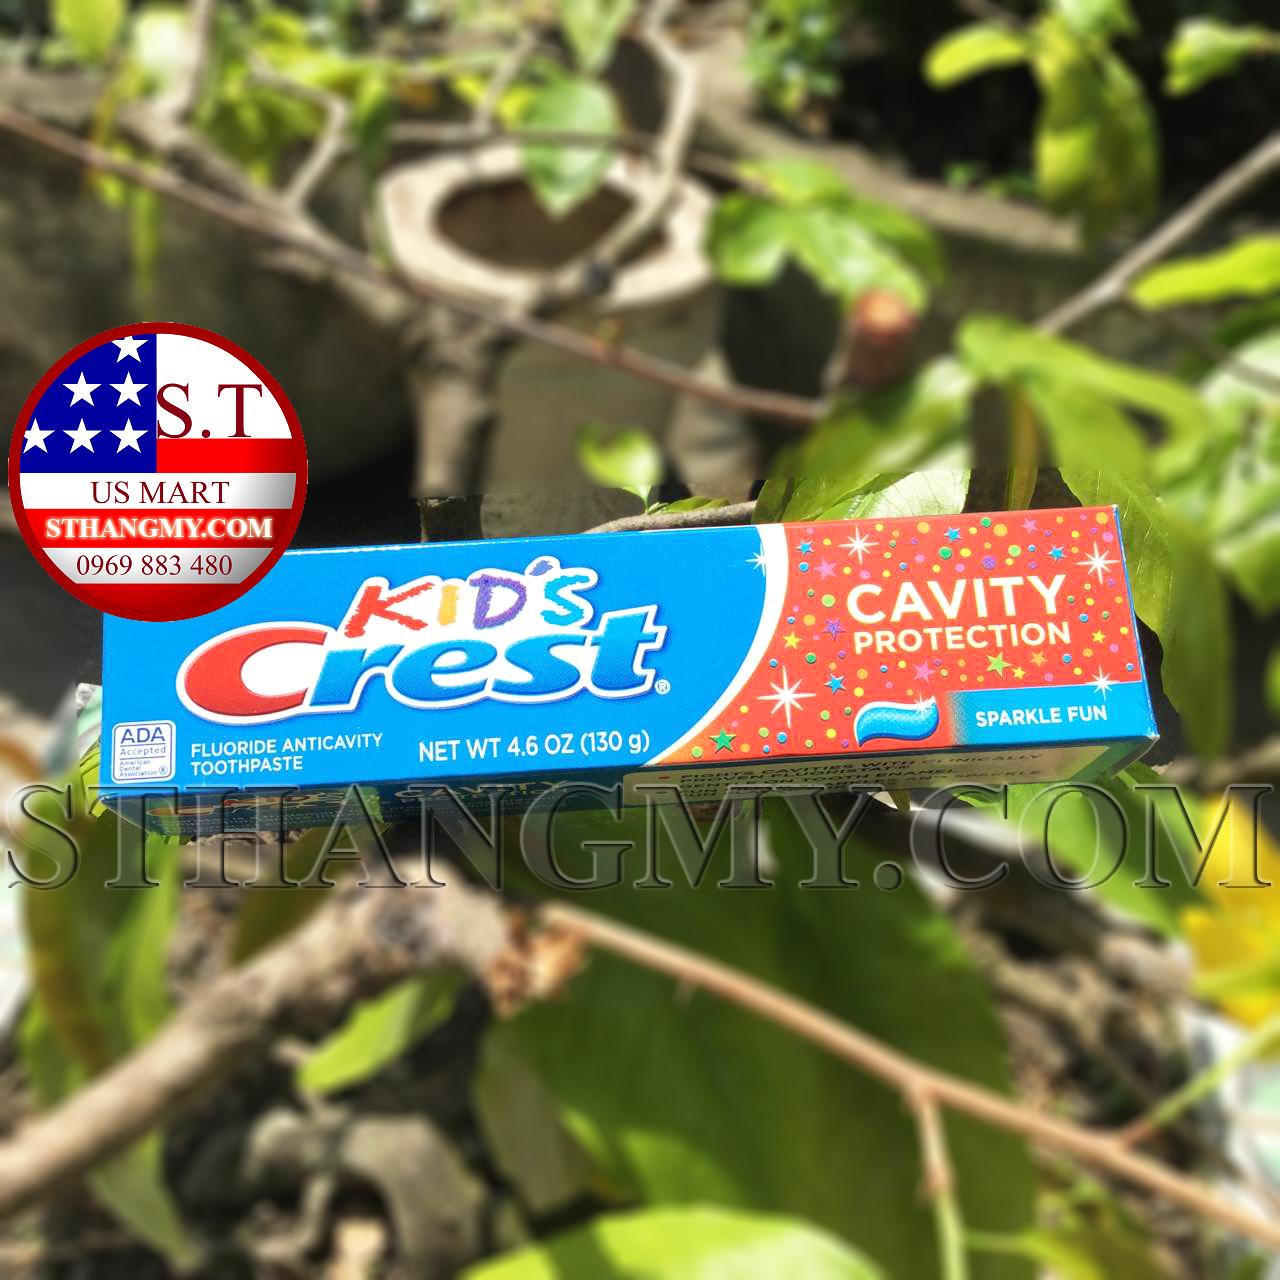 Kem đánh răng Crest Kid's Cavity Protection, Sparkle Fun Flavor cho trẻ em từ 2 tuổi trở lên - 130gr/tuýp